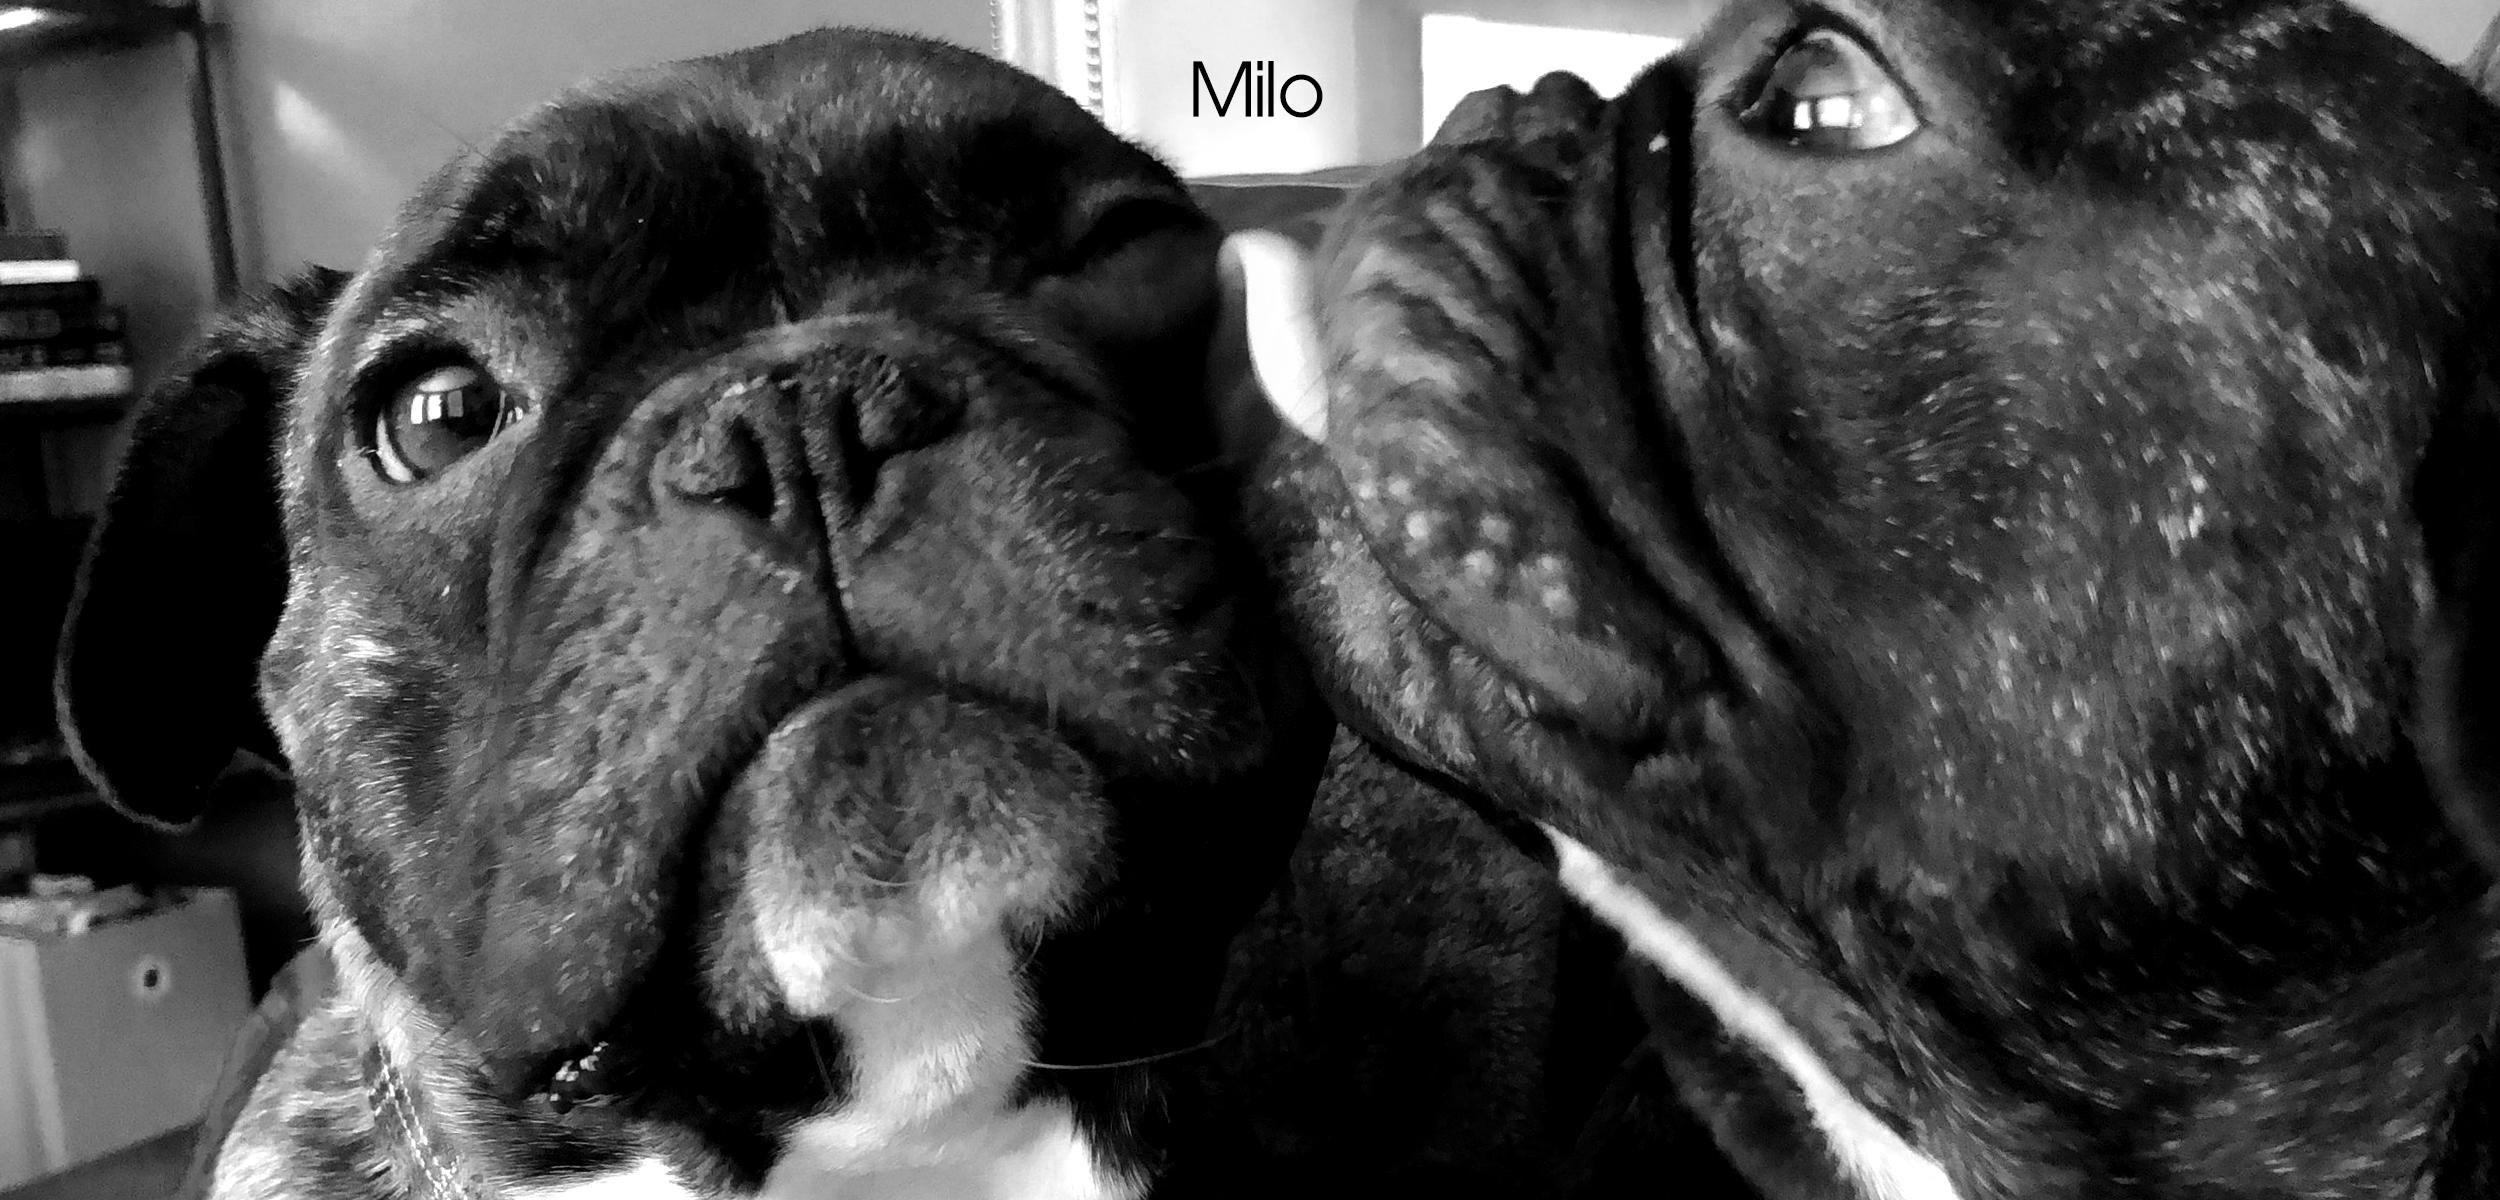 Milo FF slider images for website.jpg